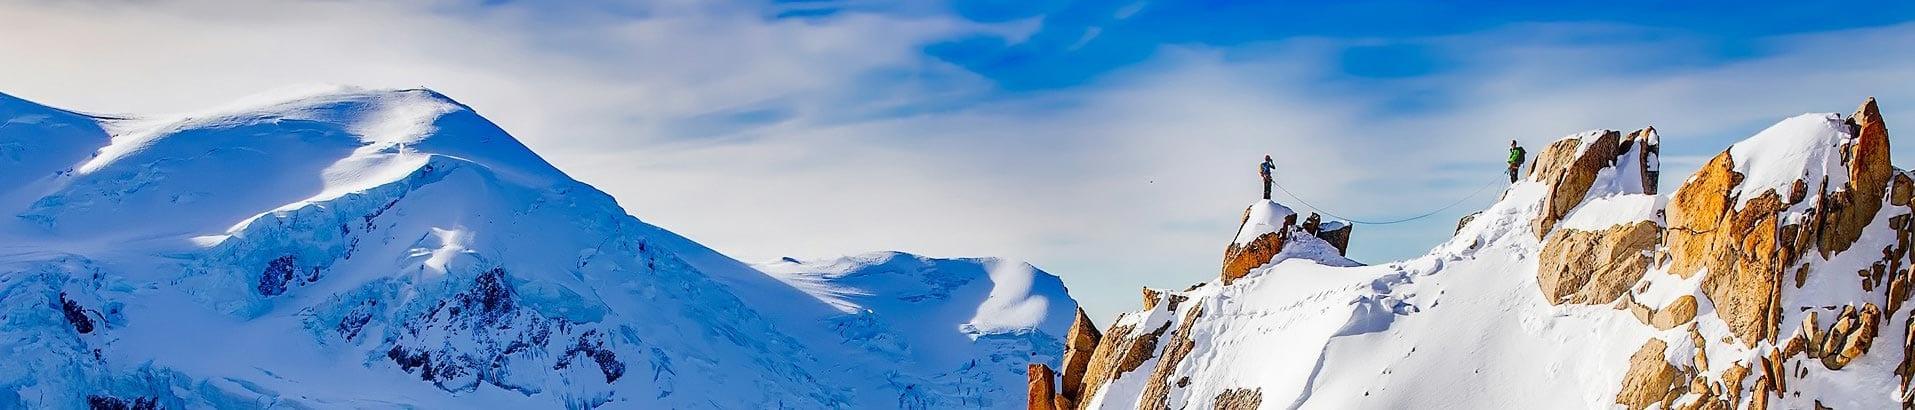 """Изображение с горами для страницы сайта """"Контакты"""""""